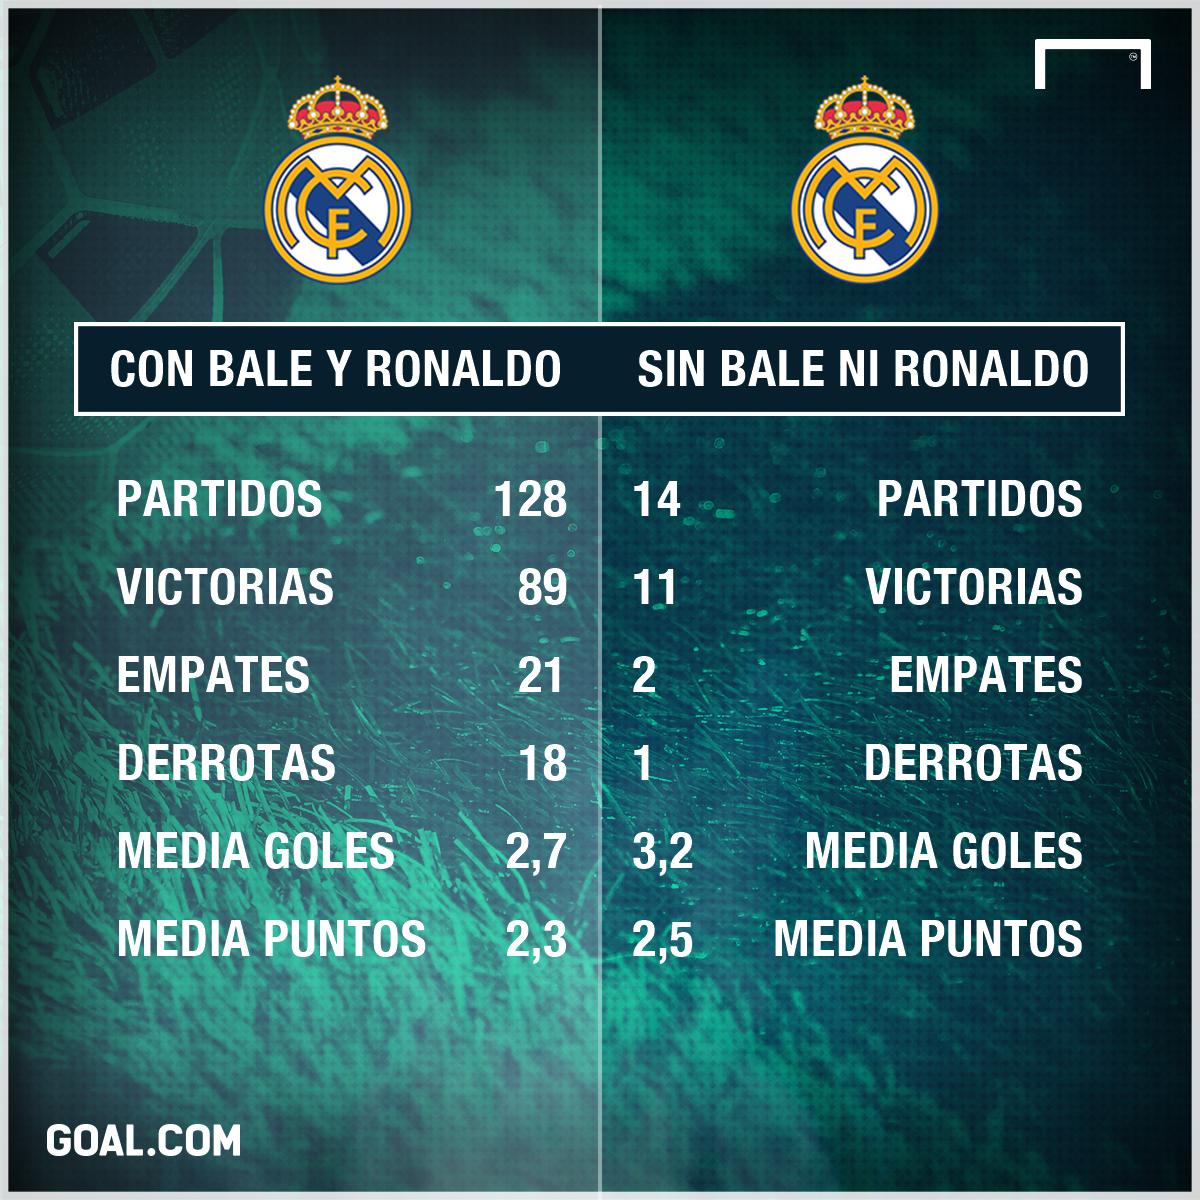 GFX Bale y CR